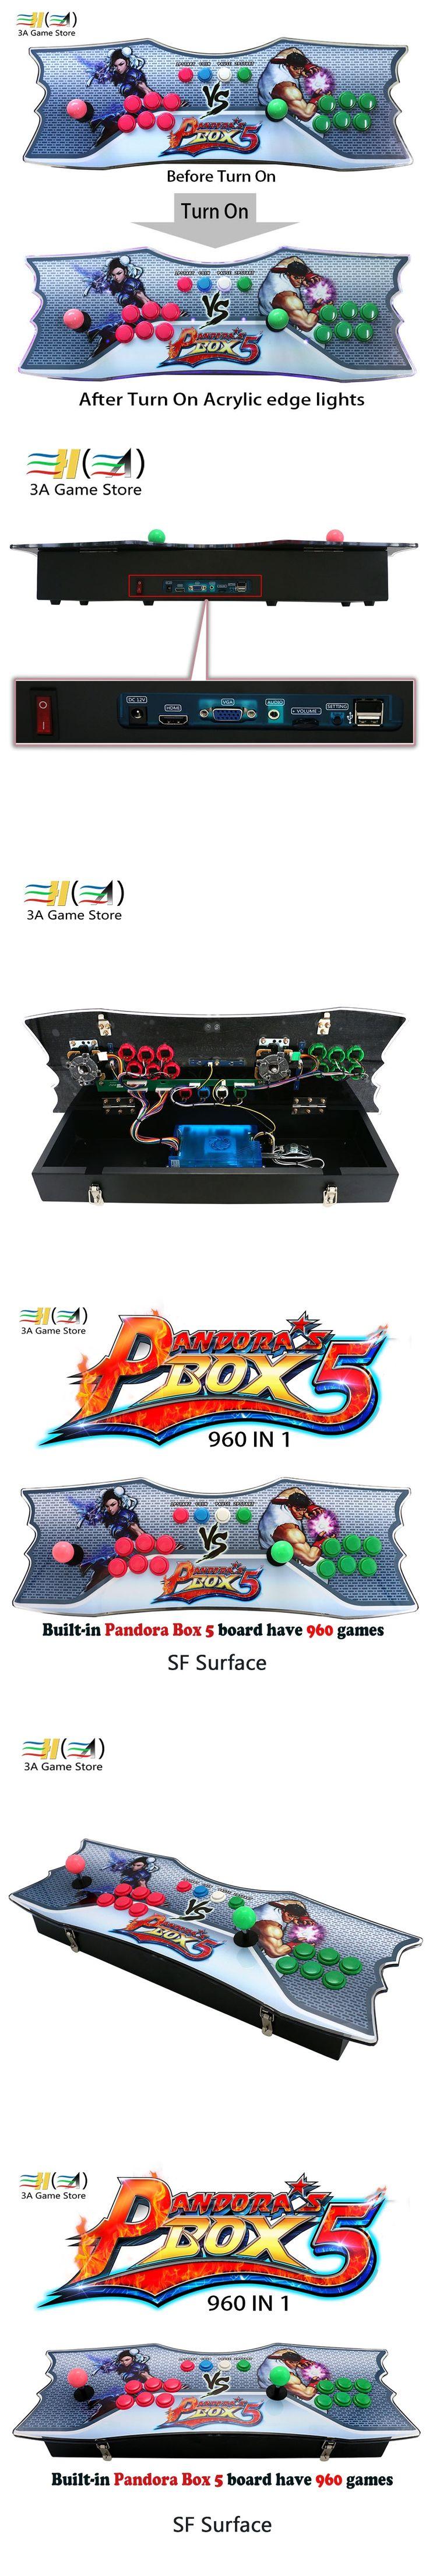 Pandora's Box 5 960 in 1 arcade controller pc TV joystick arcade controle arcade stick pandora box 5 960 in 1 games console